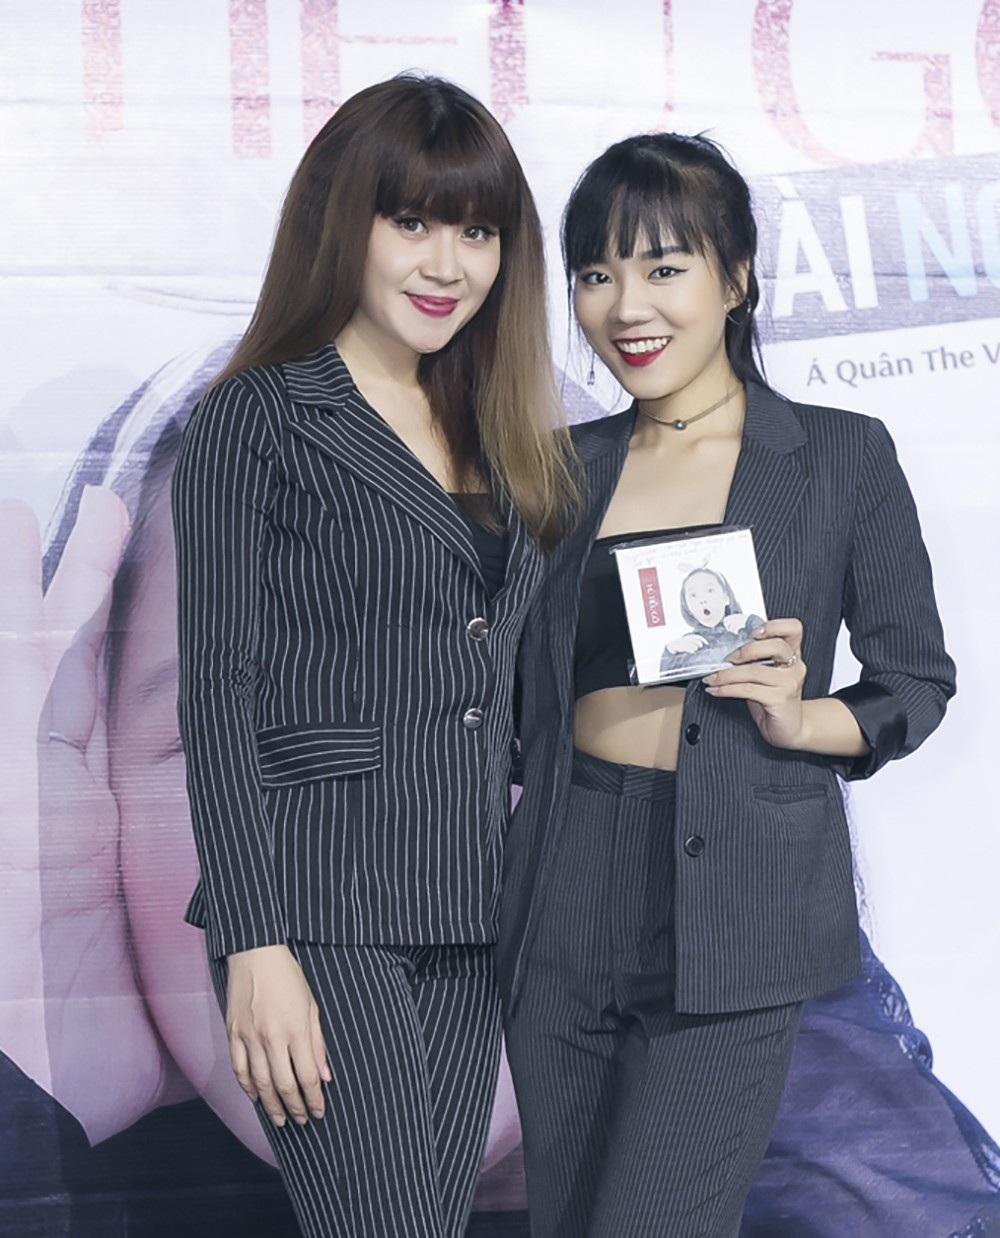 Ca sĩ Khánh Linh đến chúc mừng nhạc sĩ Lưu Thiên Hương và Á quân The Voice kids